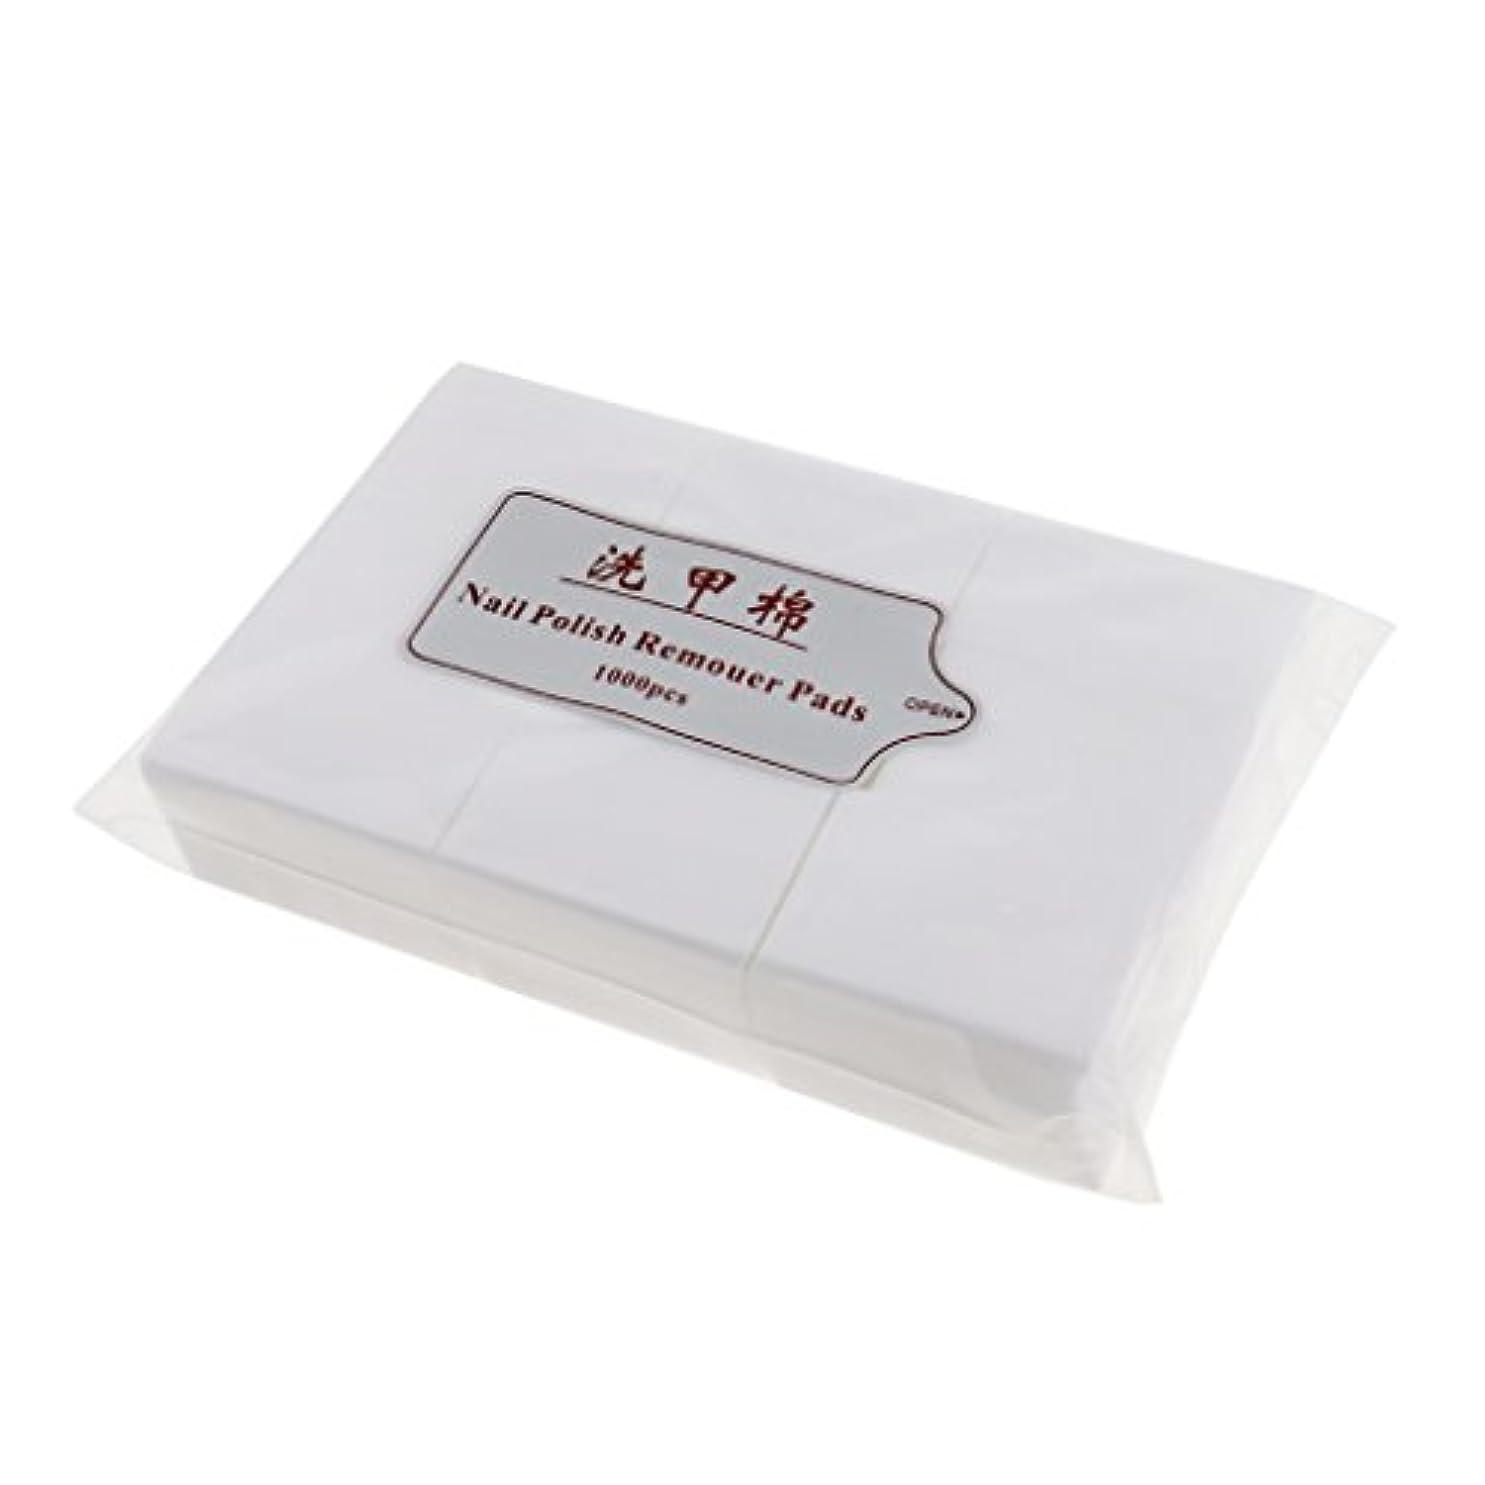 飢え豆中毒Perfk 約1000個 ネイルコットンパッド ネイルアートチップ パッド紙 マニキュア 吸水性 衛生的 ネイルサロン